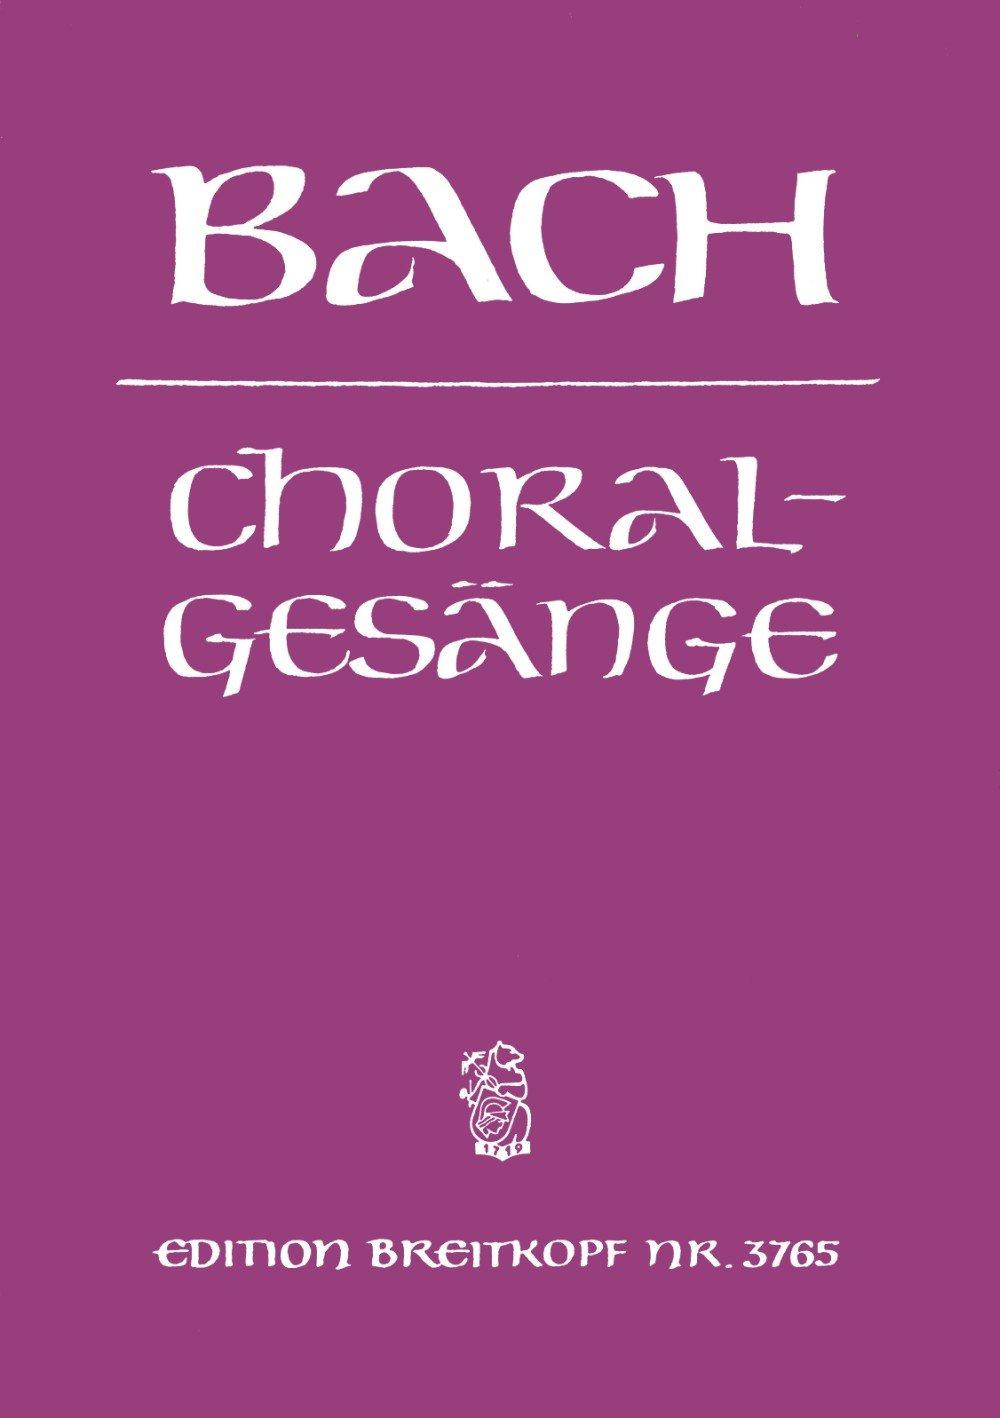 389 Choralgesänge für vierstimmigen gemischten Chor (EB 3765)